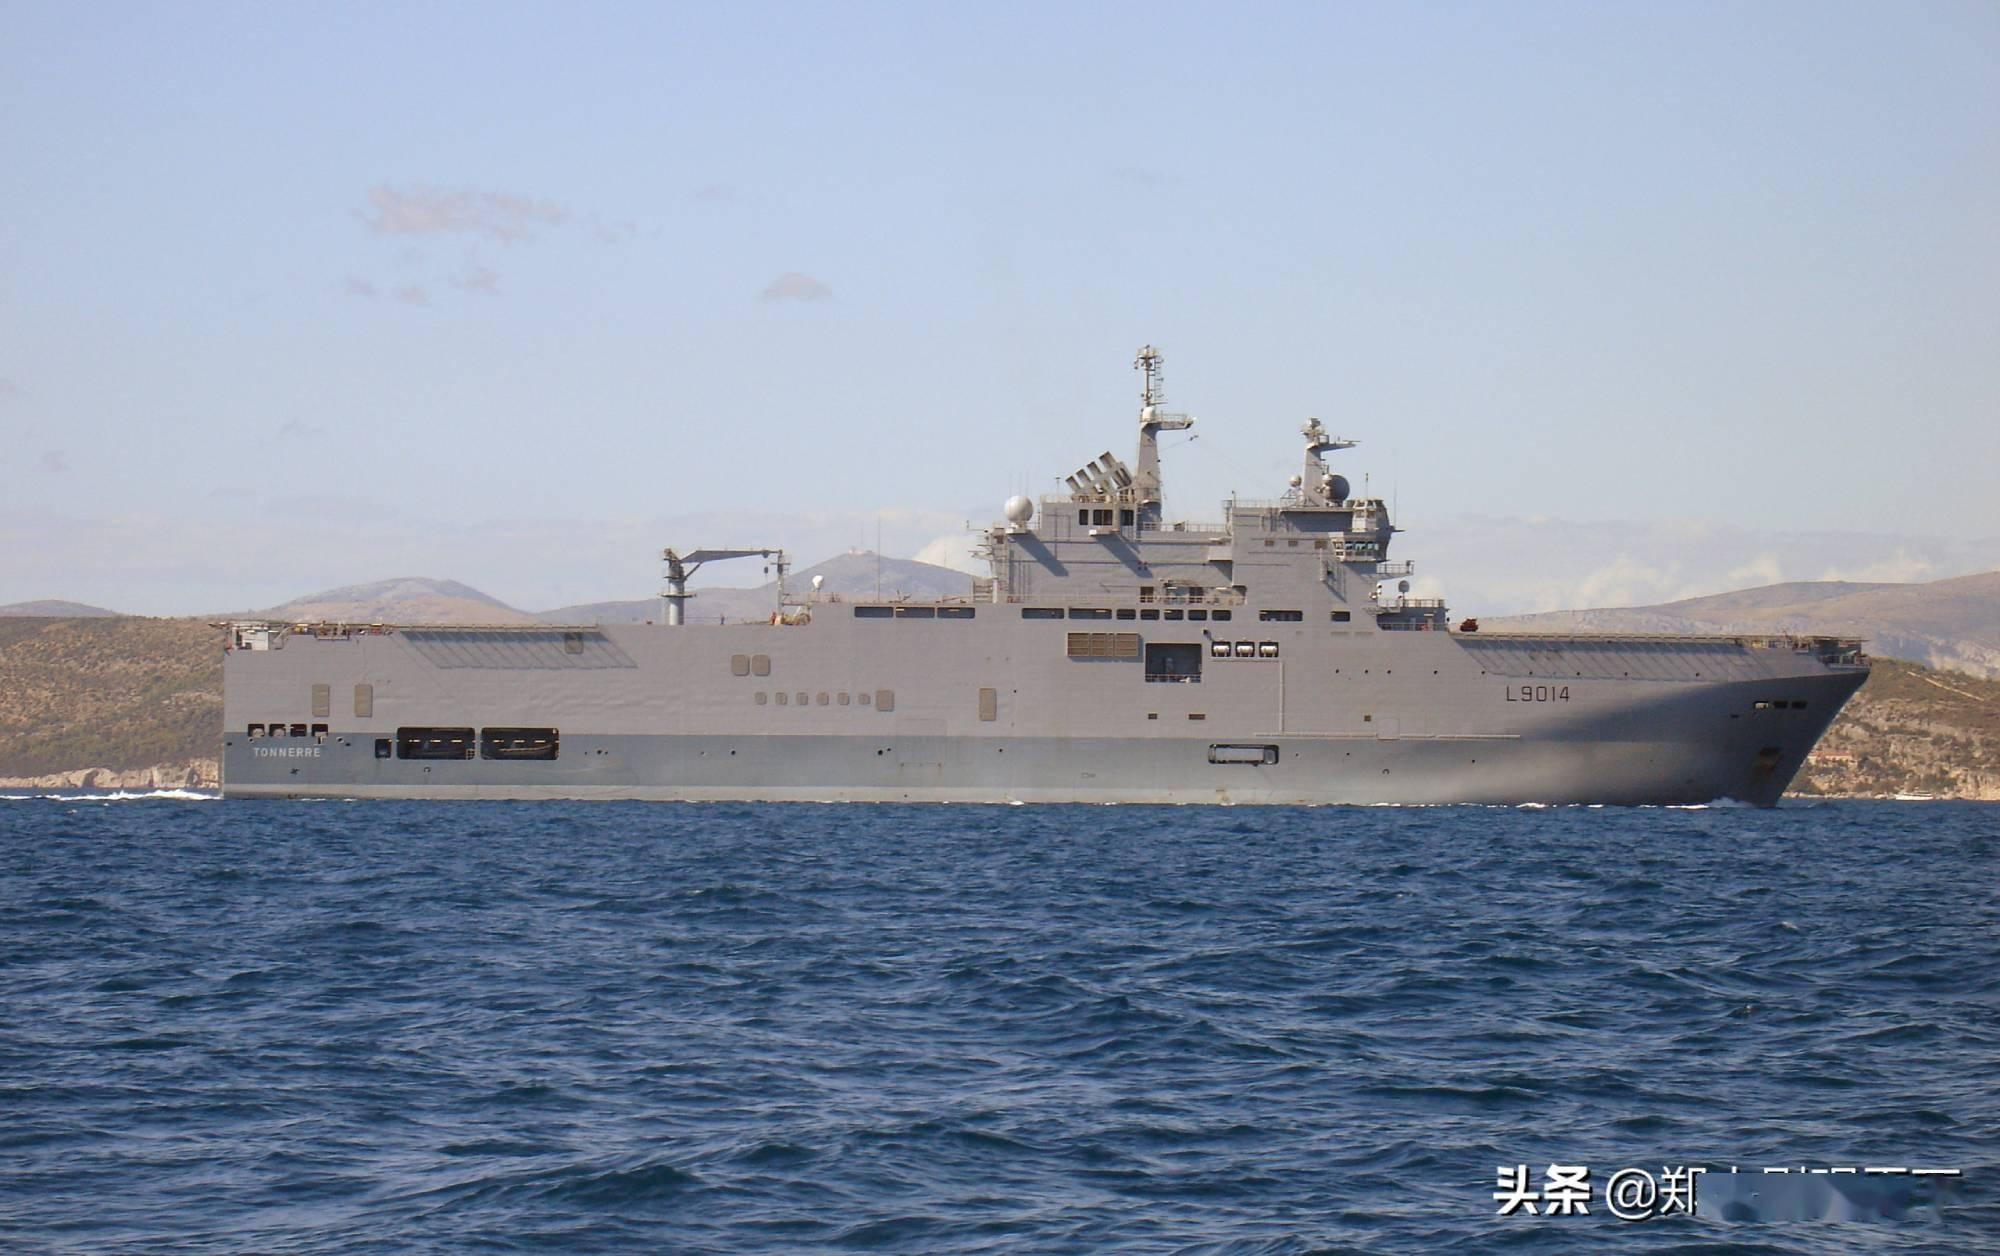 法国舰艇计划穿越中方领海海峡?法兰西真这么猛,投降段子哪来的